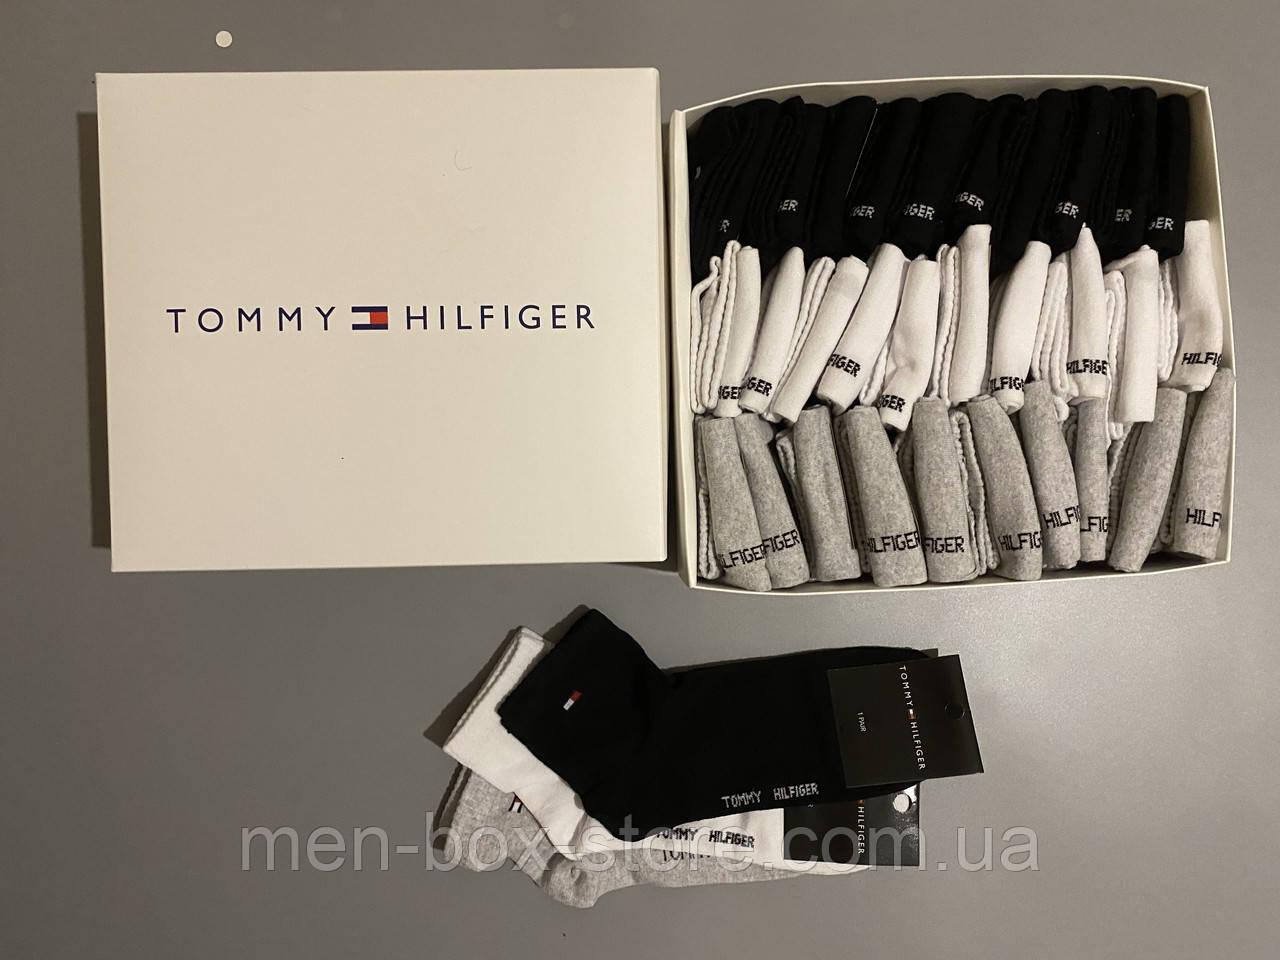 Носки мужские  30 пар Tommy Hilfiger в подарочной коробке. носки мужские носки средние носки турция носки